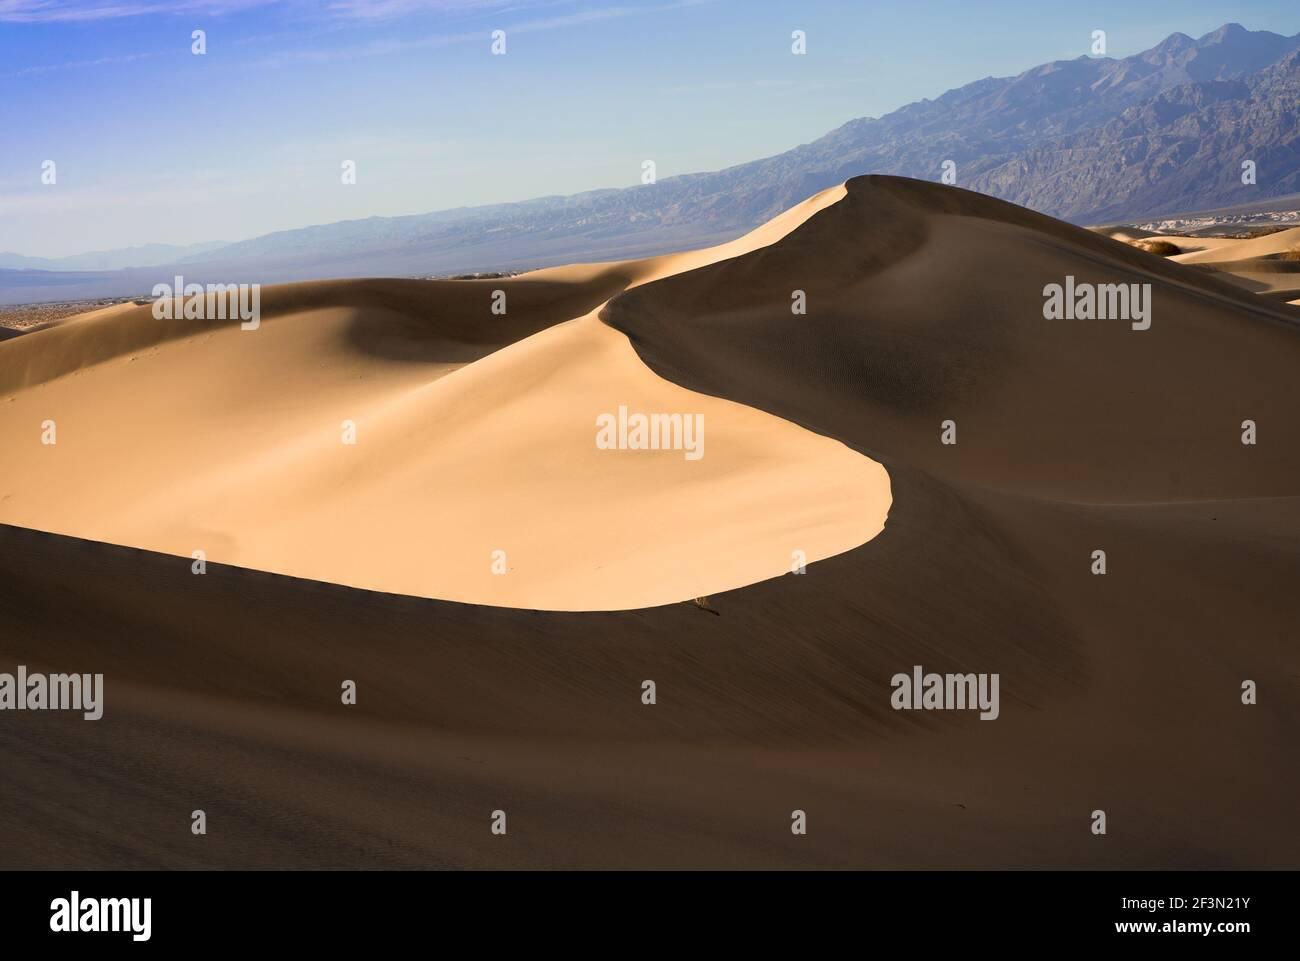 Magnifiques dunes de sable paysage vu au parc national de la Vallée de la mort, Californie au coucher du soleil Banque D'Images